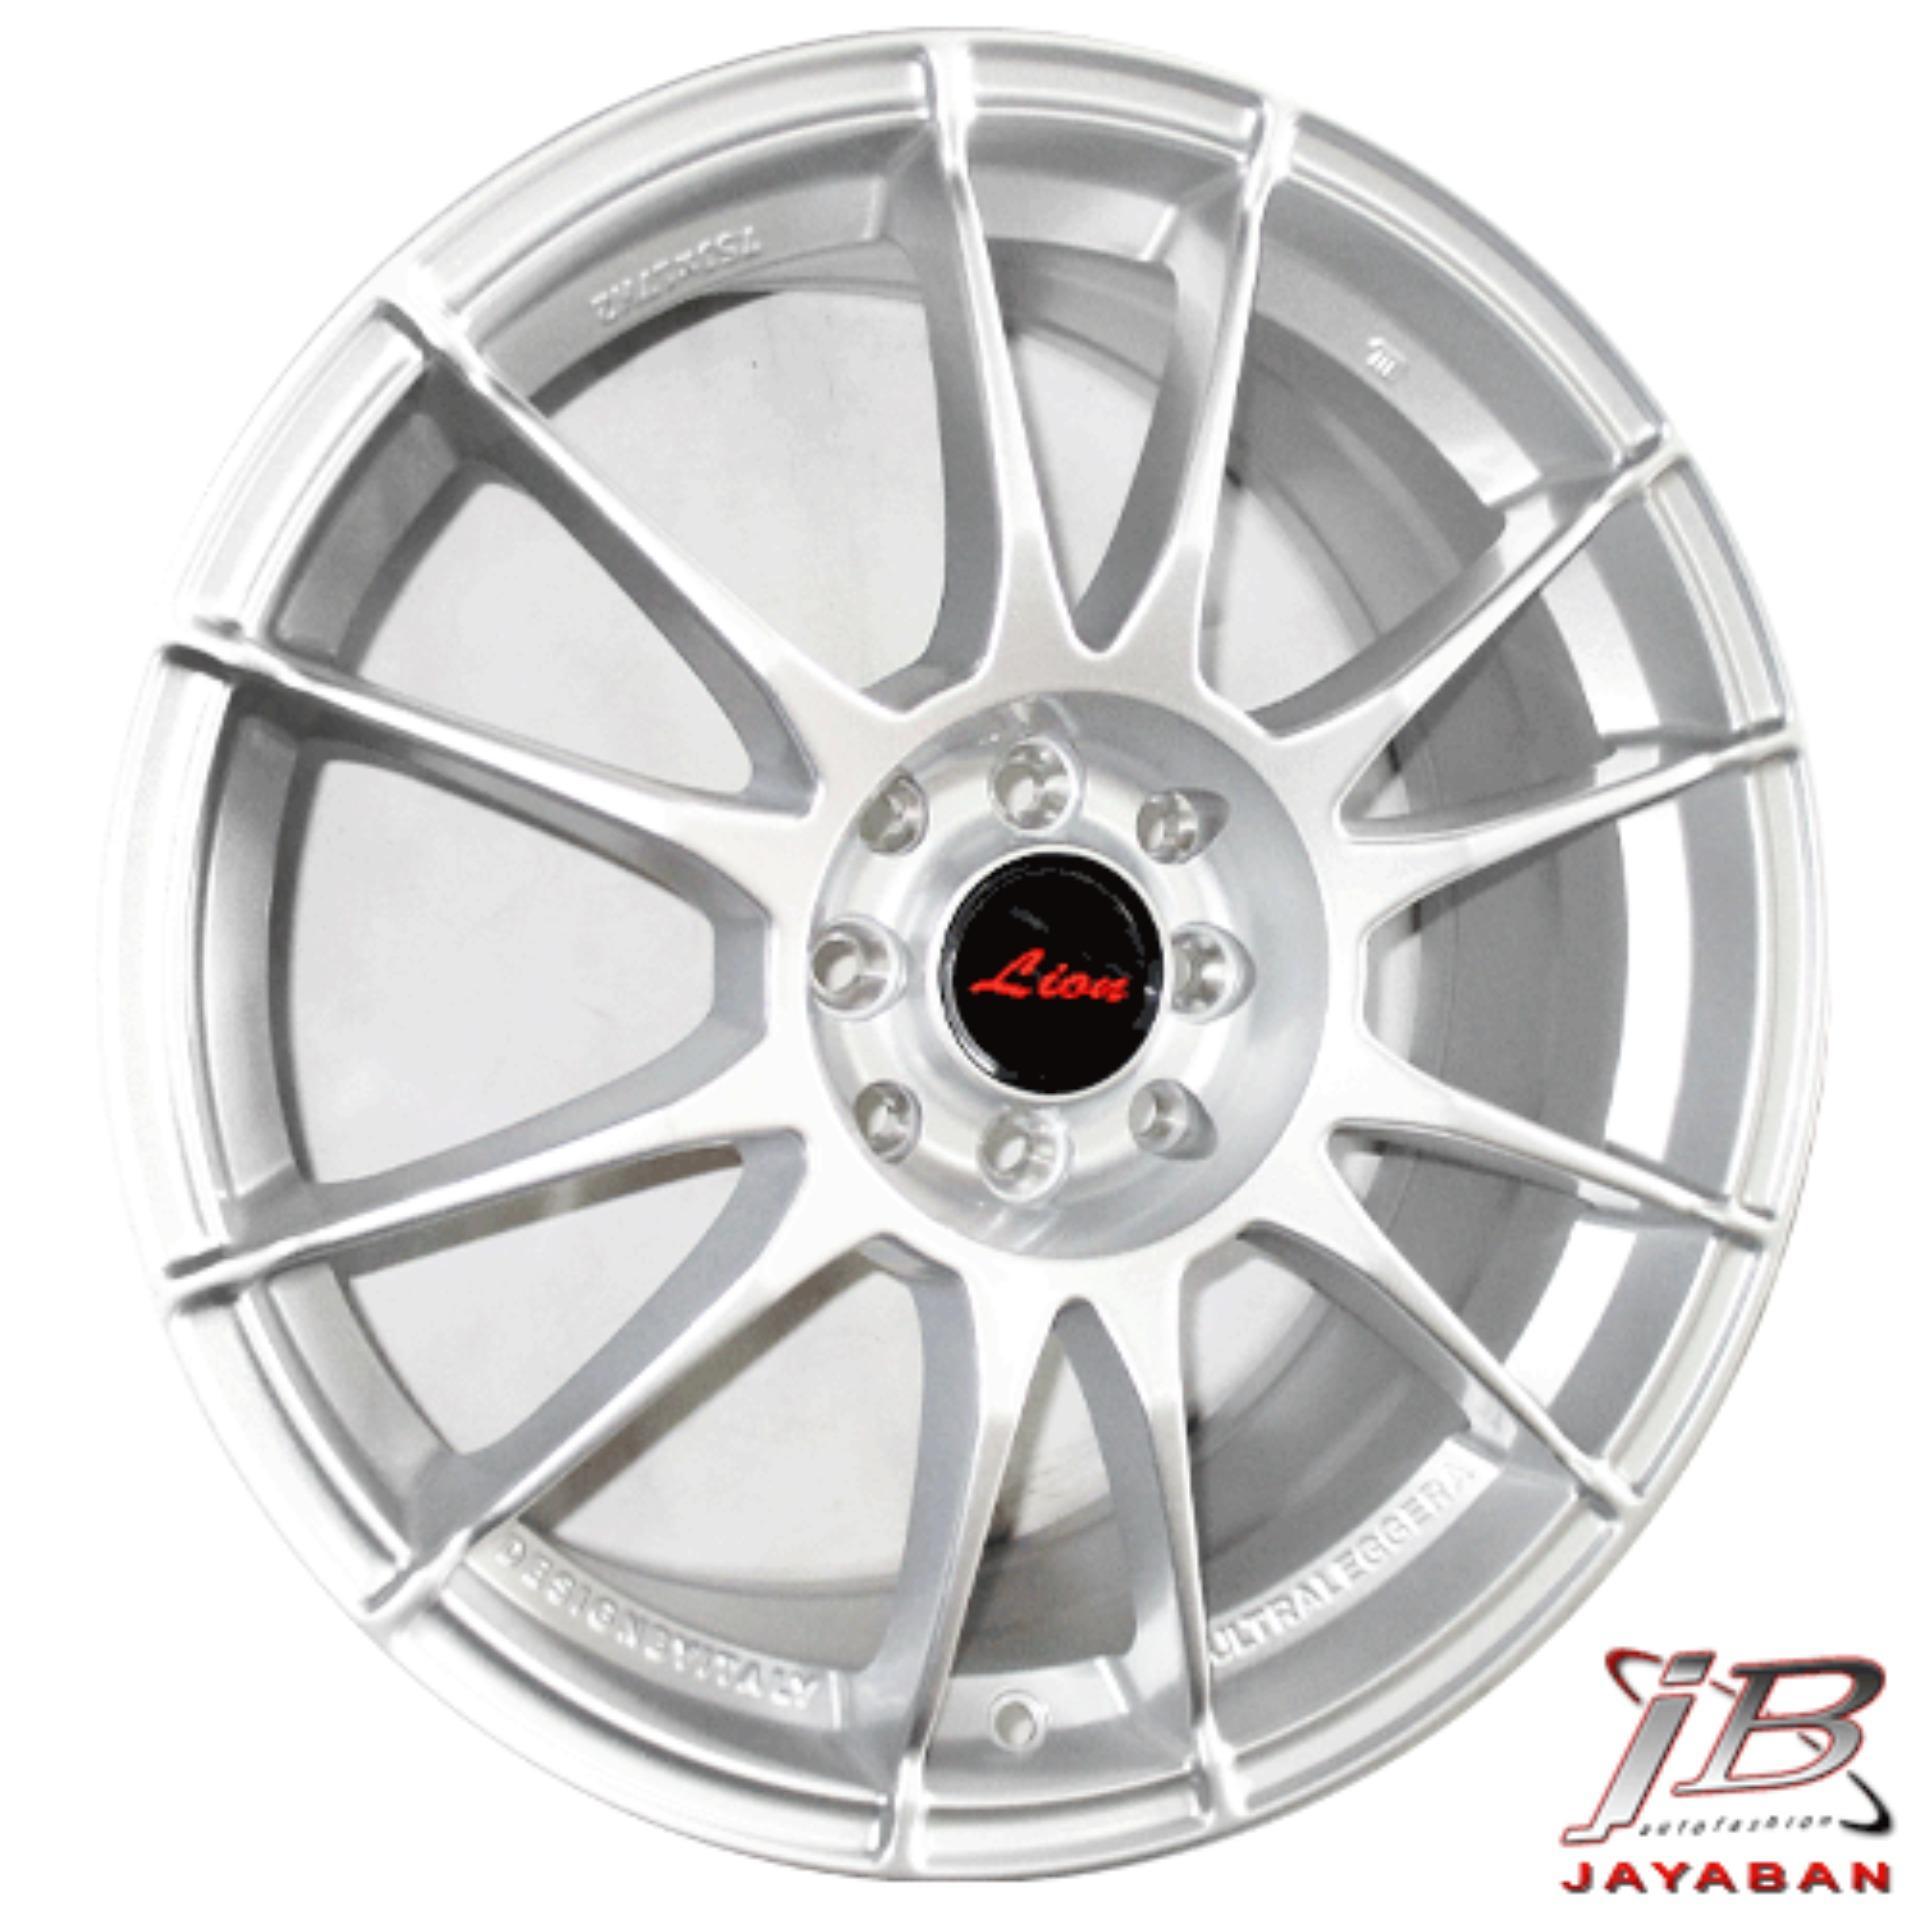 Paket Cicilan 4 Velg Racing 16 Inch + 4 Ban 195/45 R16 Achilles - GRATIS INSTALASI / Kirim JABODETABEK